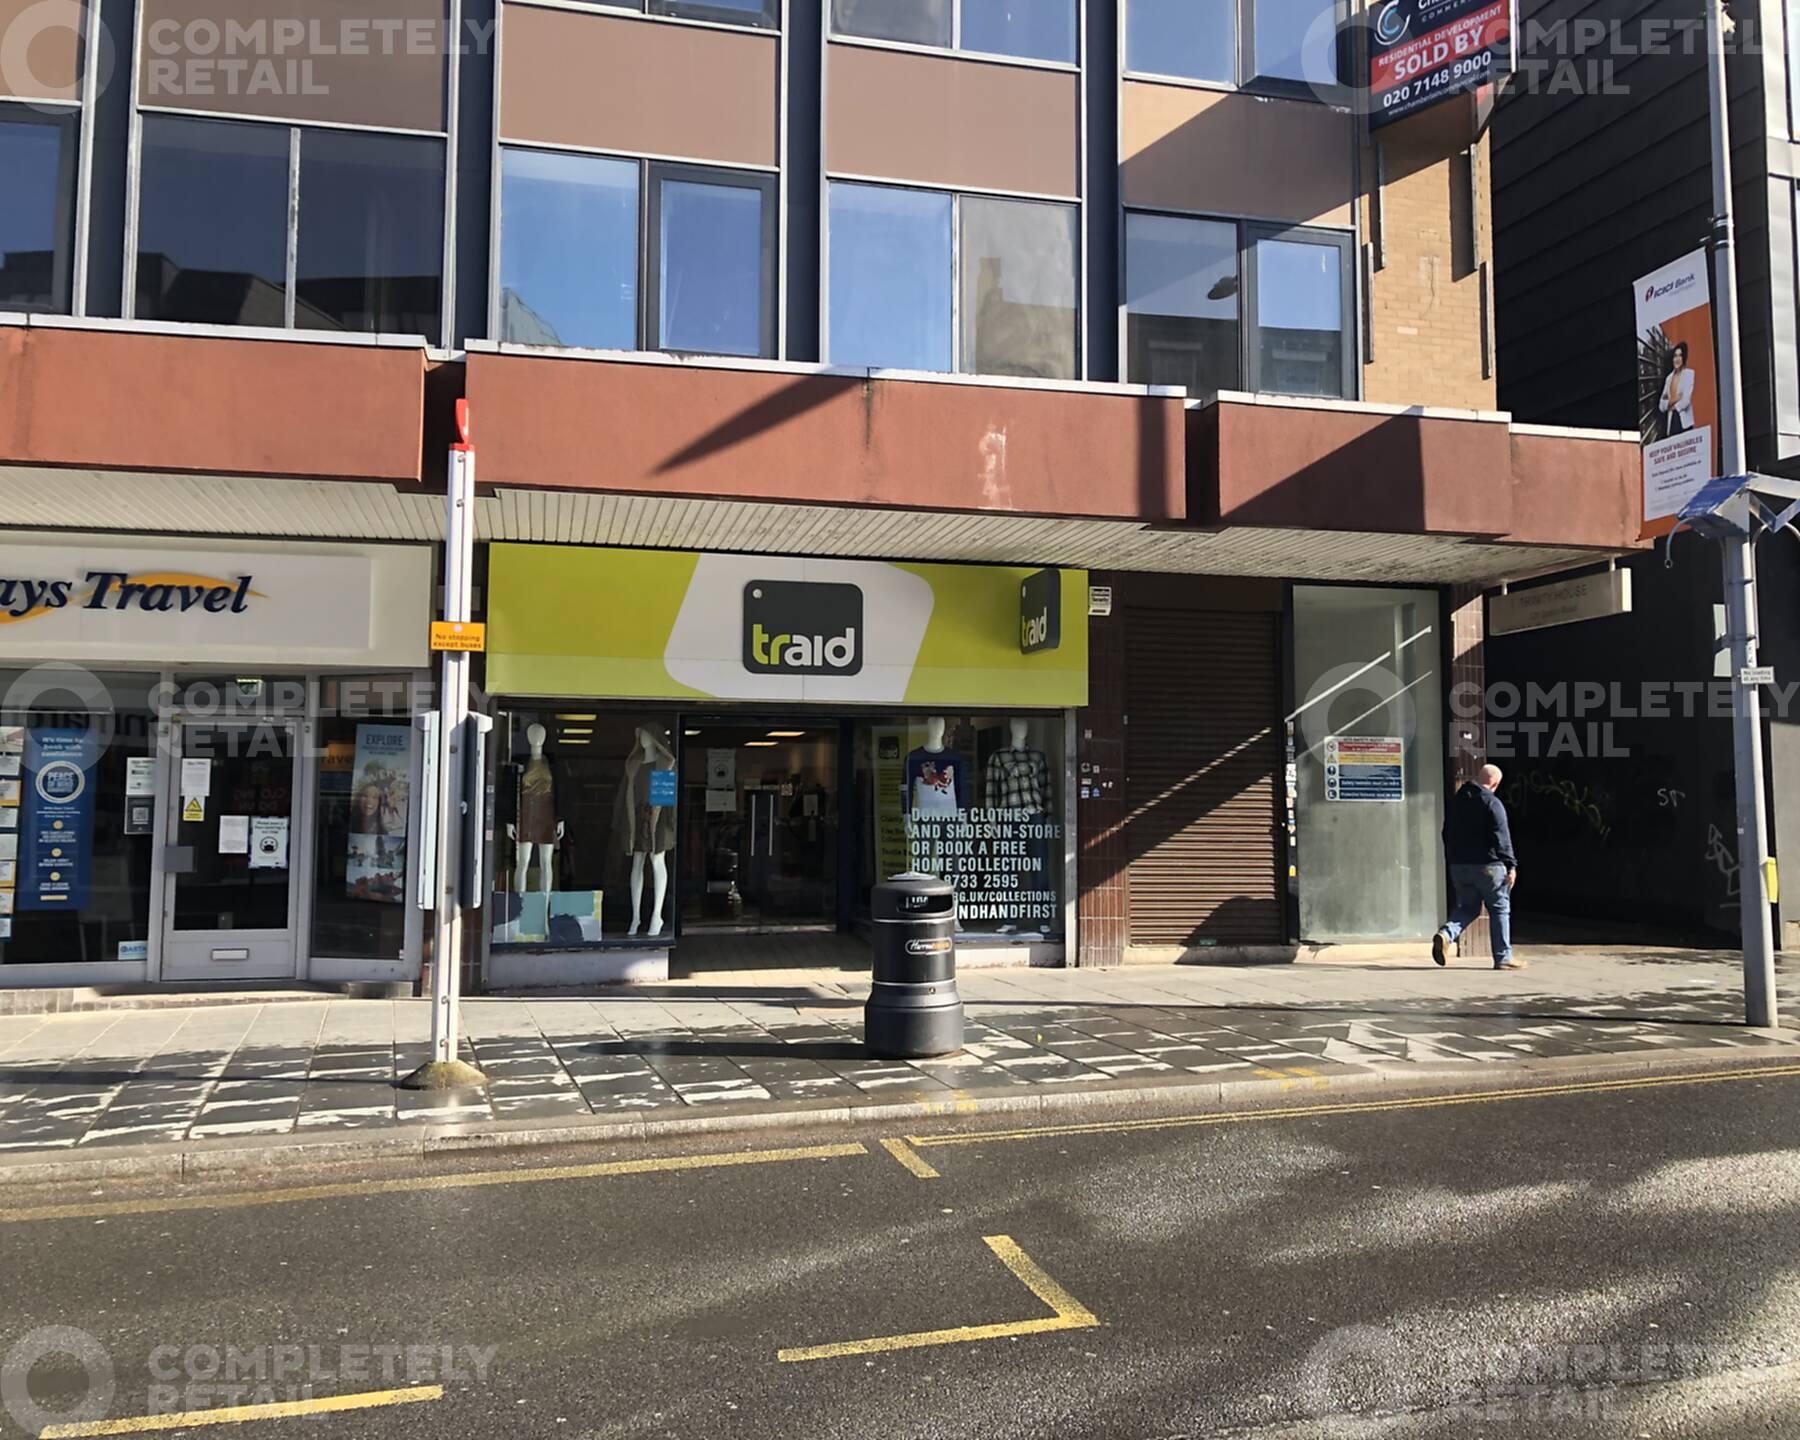 324D Station Road, Harrow